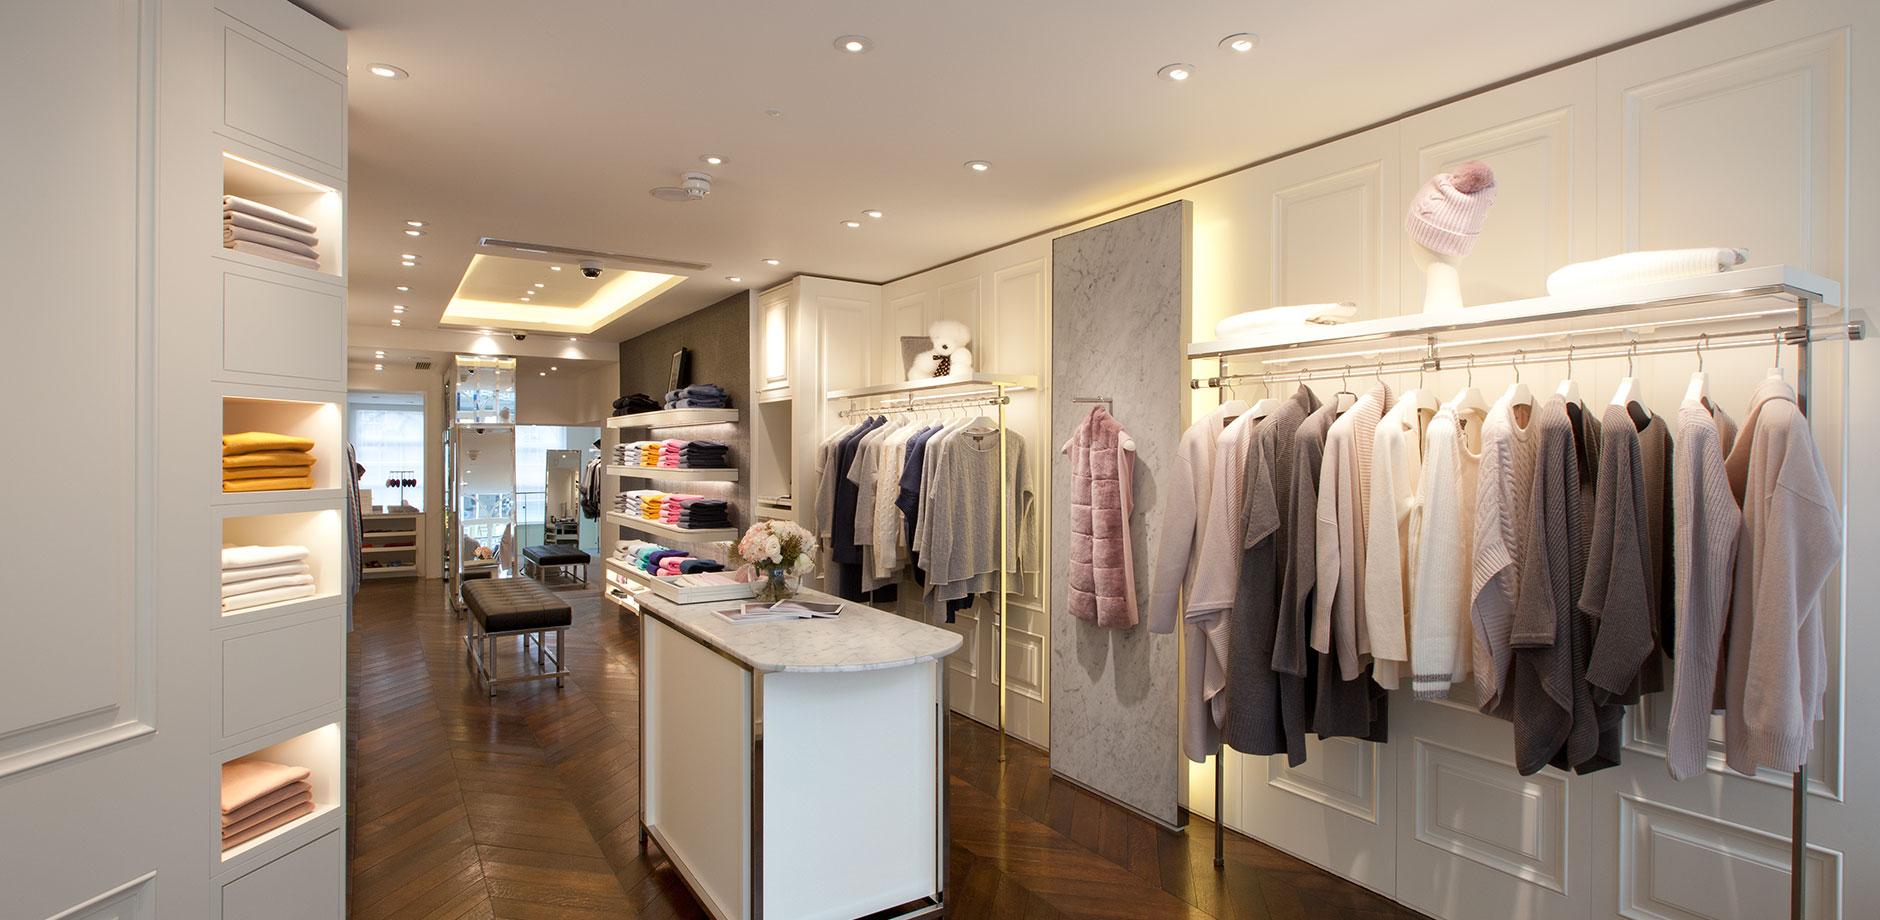 Retail Painters & Decorators in London _ Direct Painters